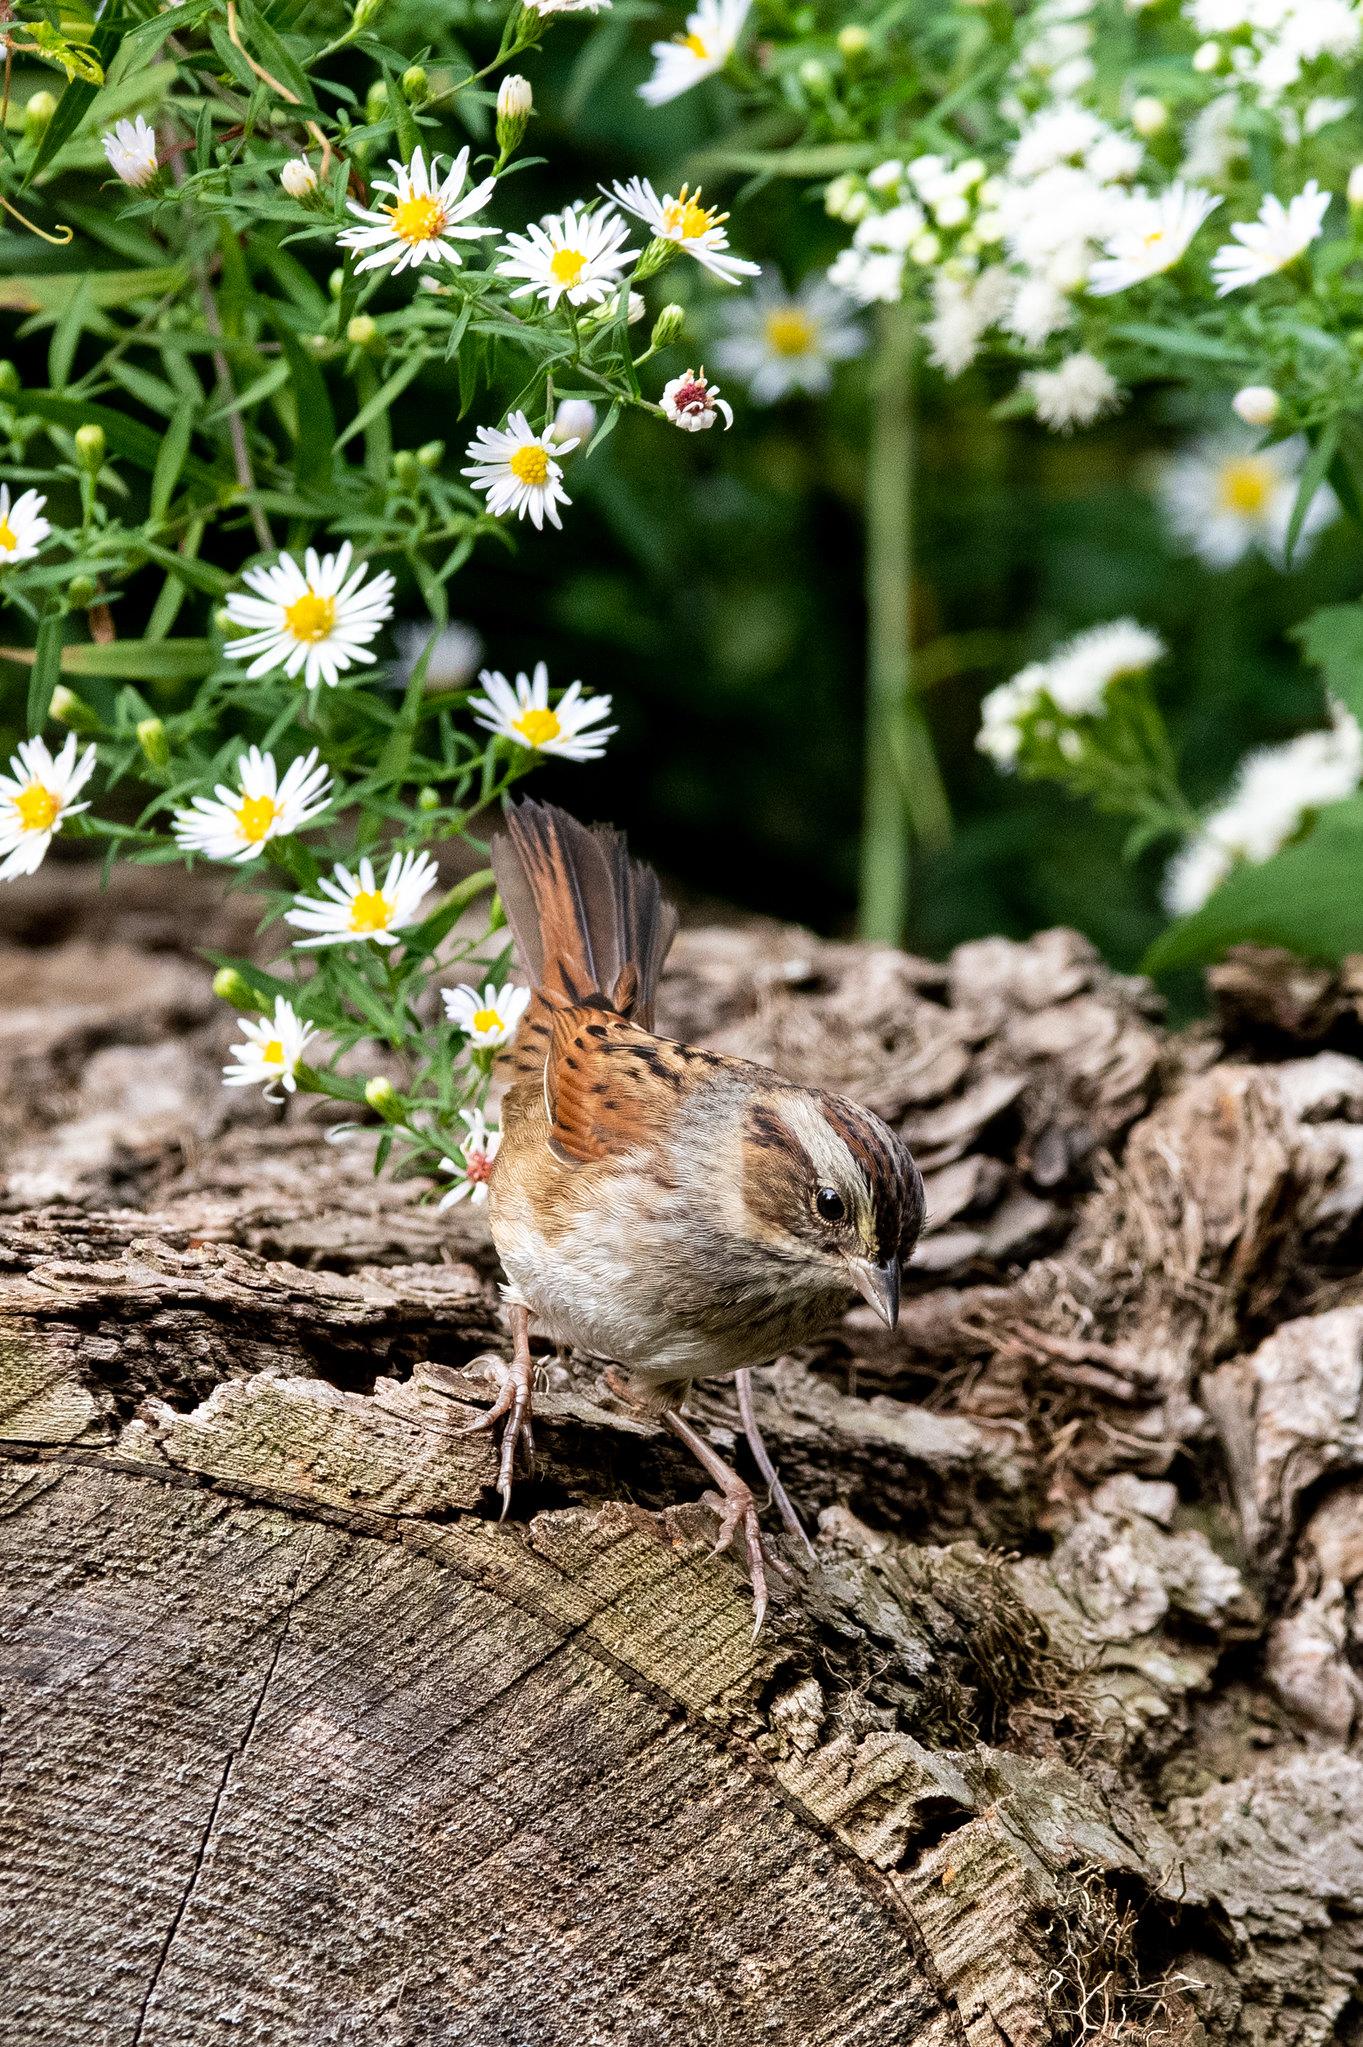 swamp-sparrow-3960